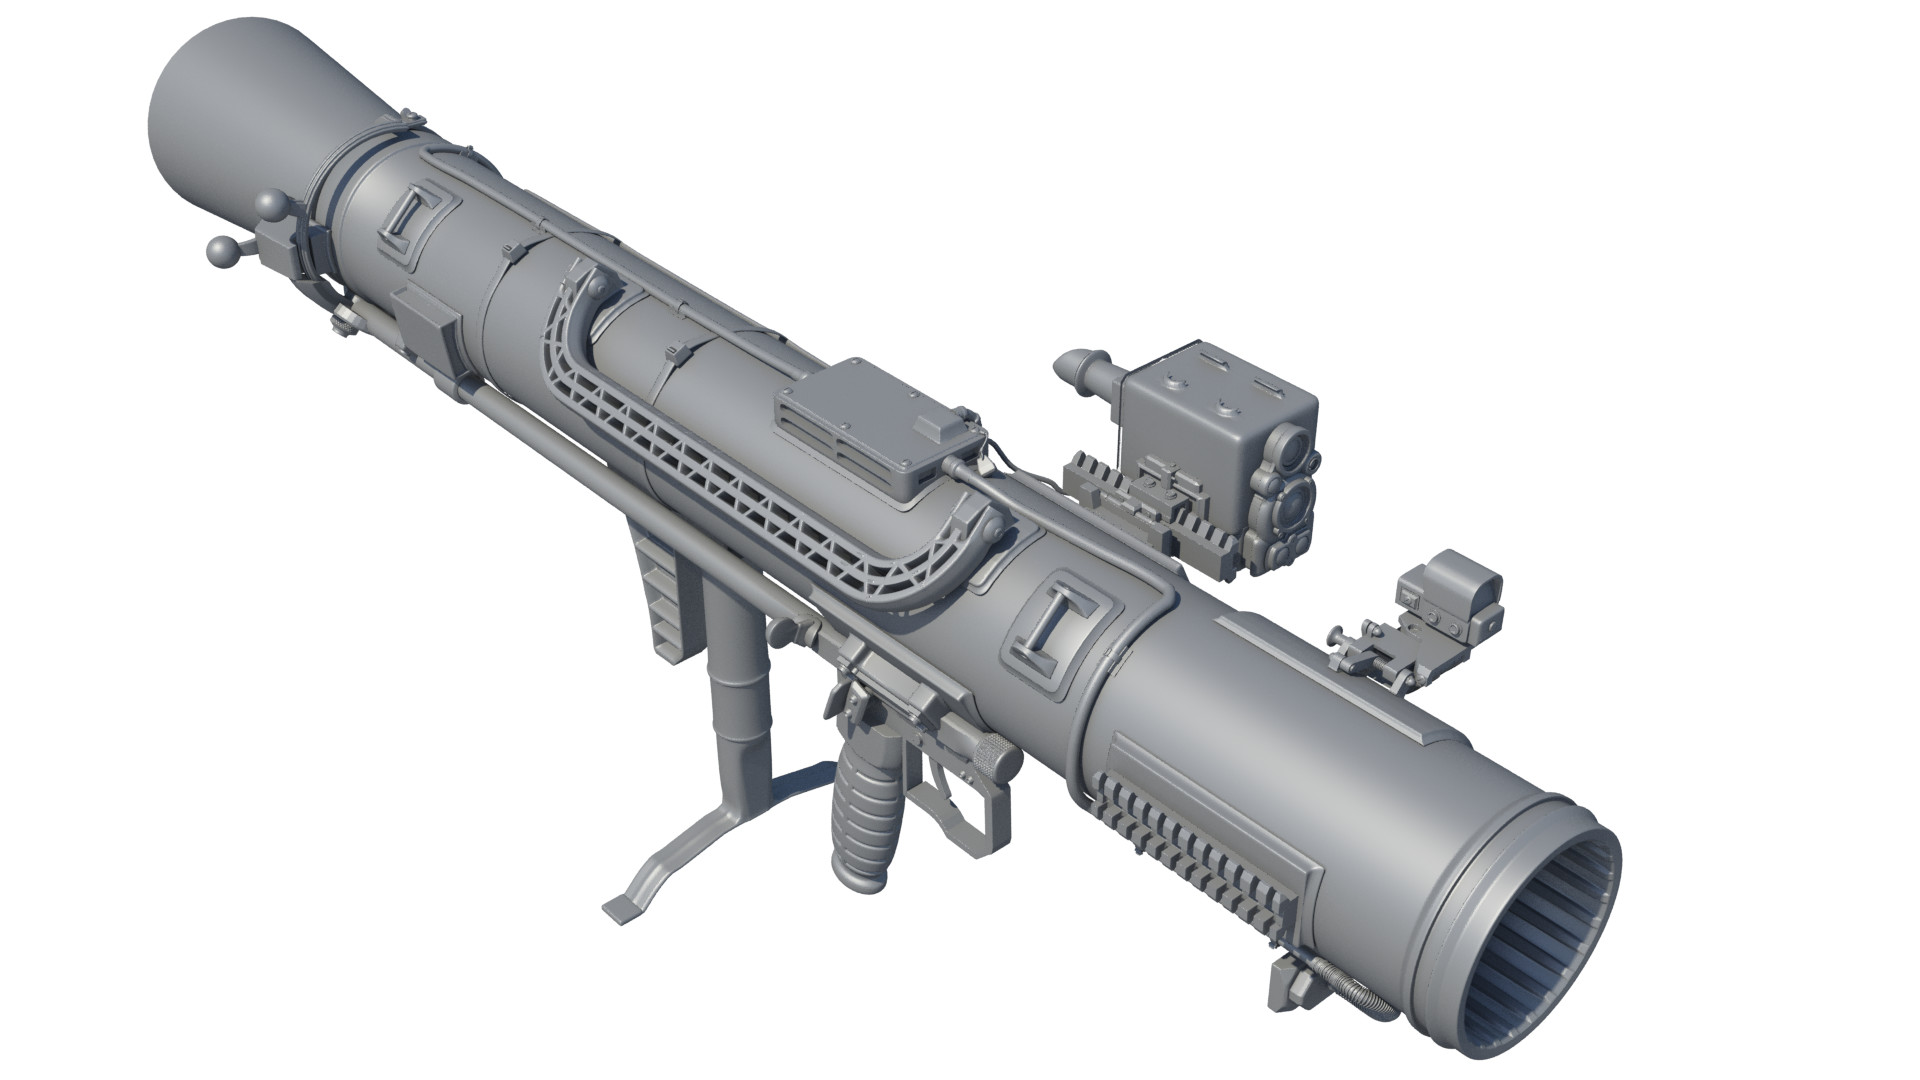 Elias Alm 233 N The Gustaf Carl Gustaf M4 Recoilless Rifle